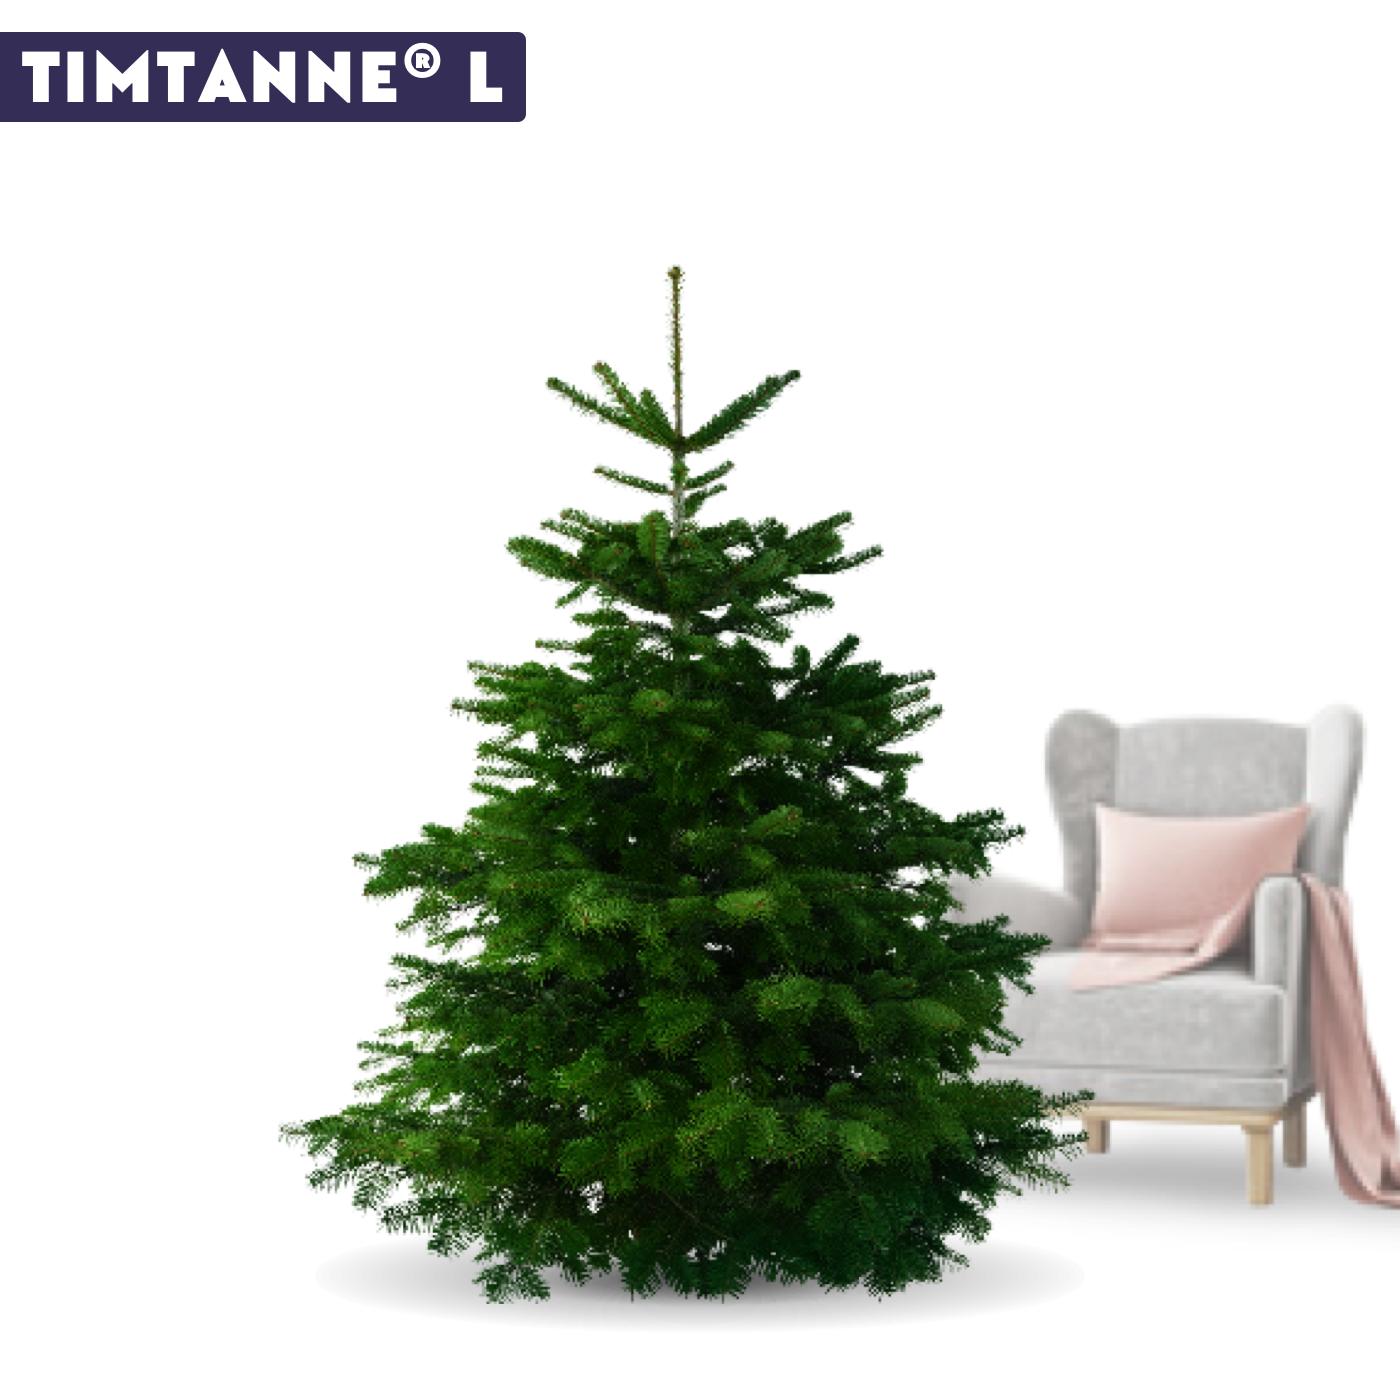 Tannenbaum per Post, Tannenbaum liefern lassen